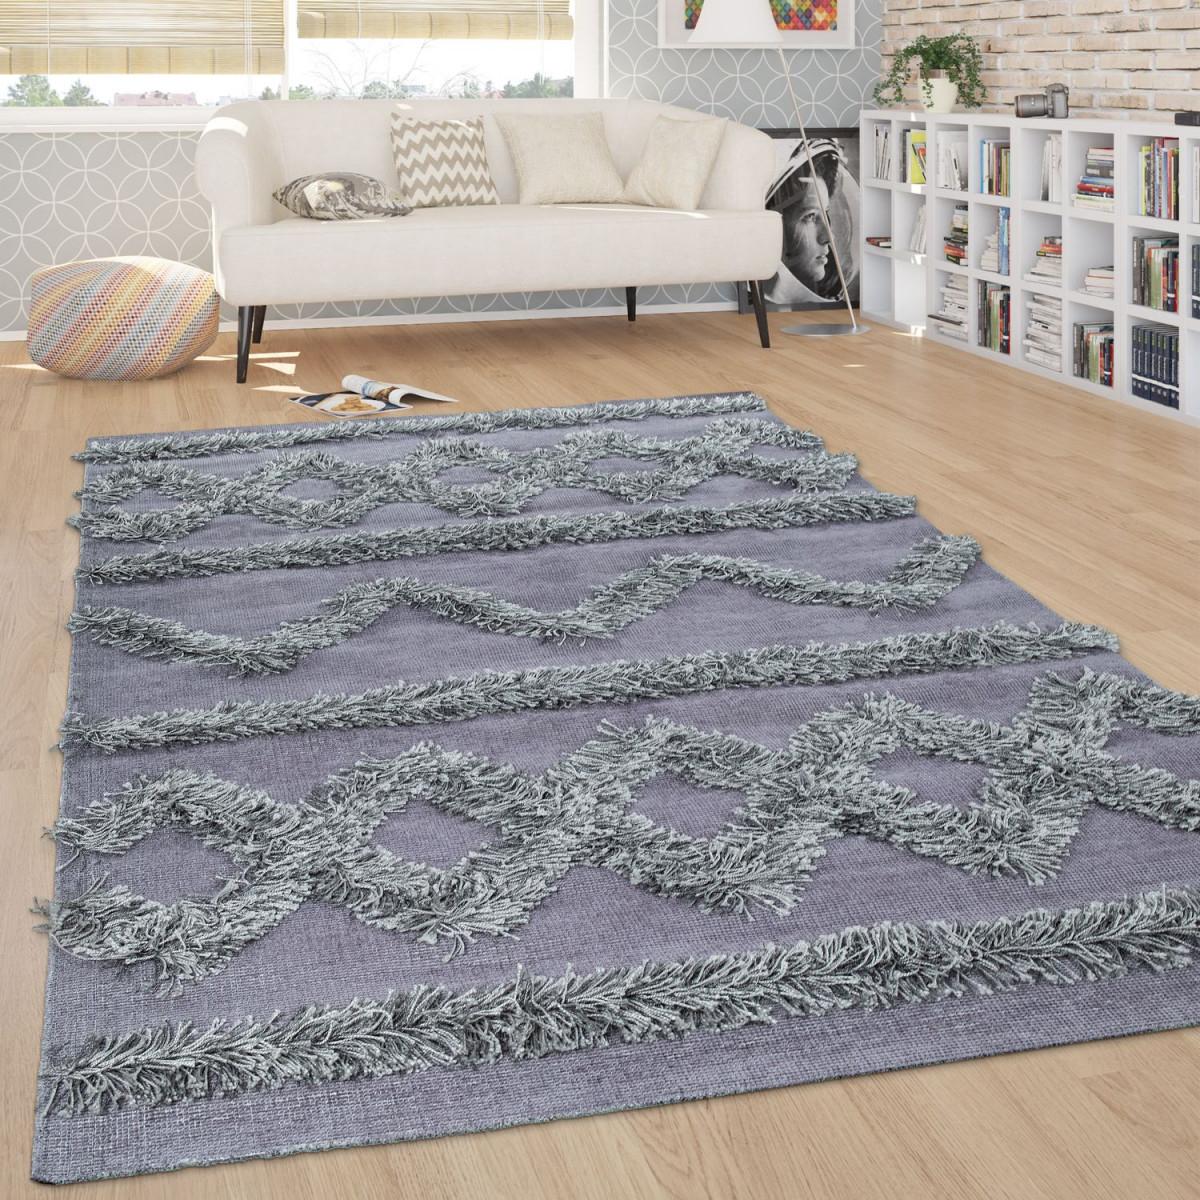 Teppich Wohnzimmer Shaggy Hochflor Zickzack Muster Skandinavisch In Uni Grau von Teppich Wohnzimmer Skandinavisch Photo